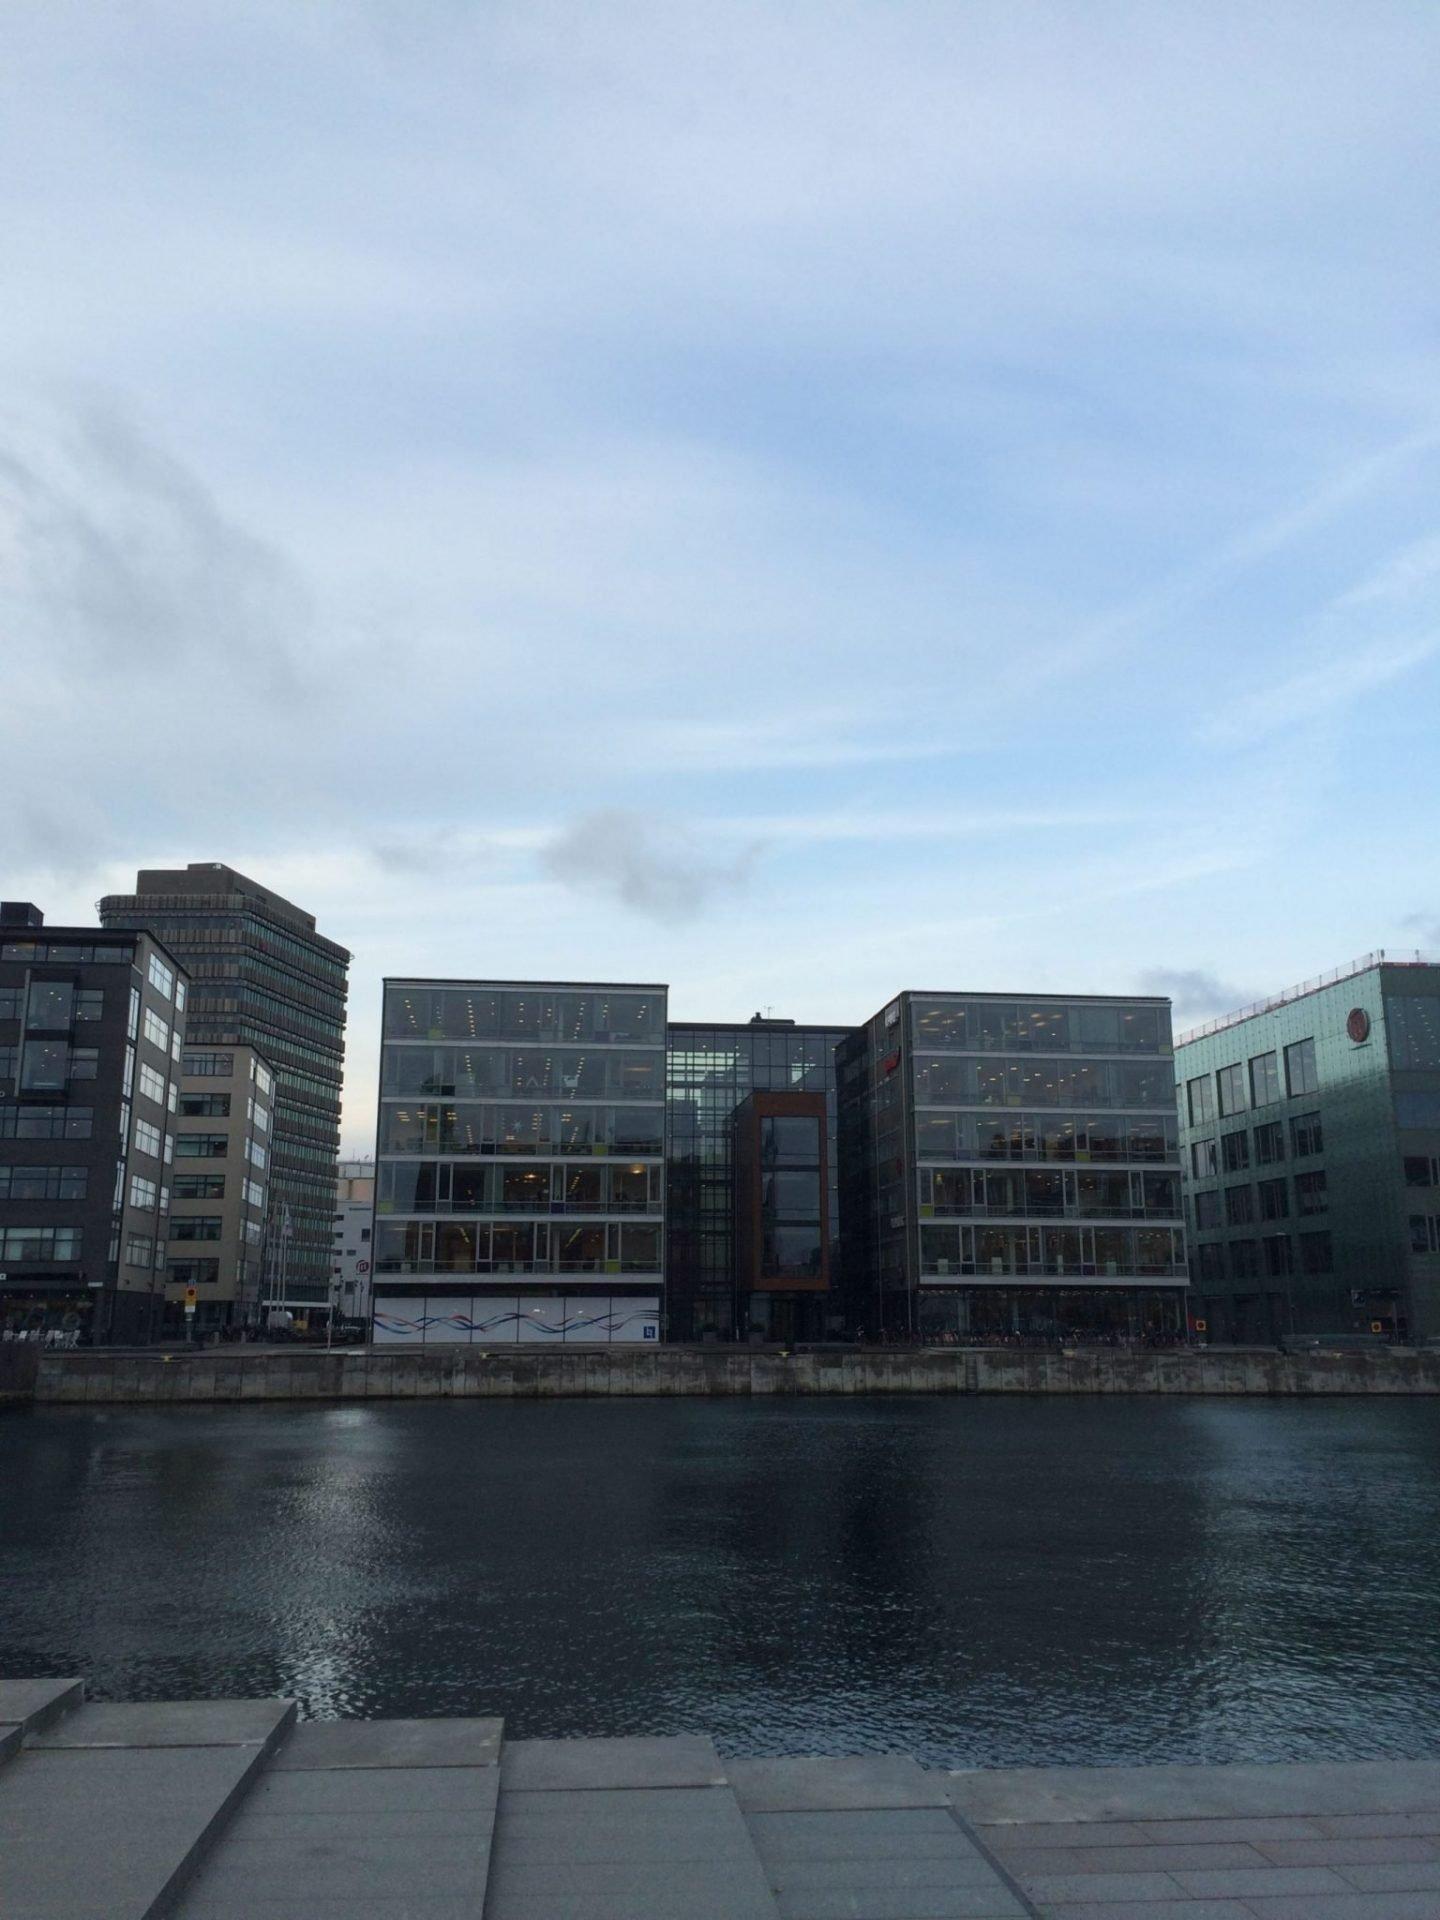 Malmö: a modern city